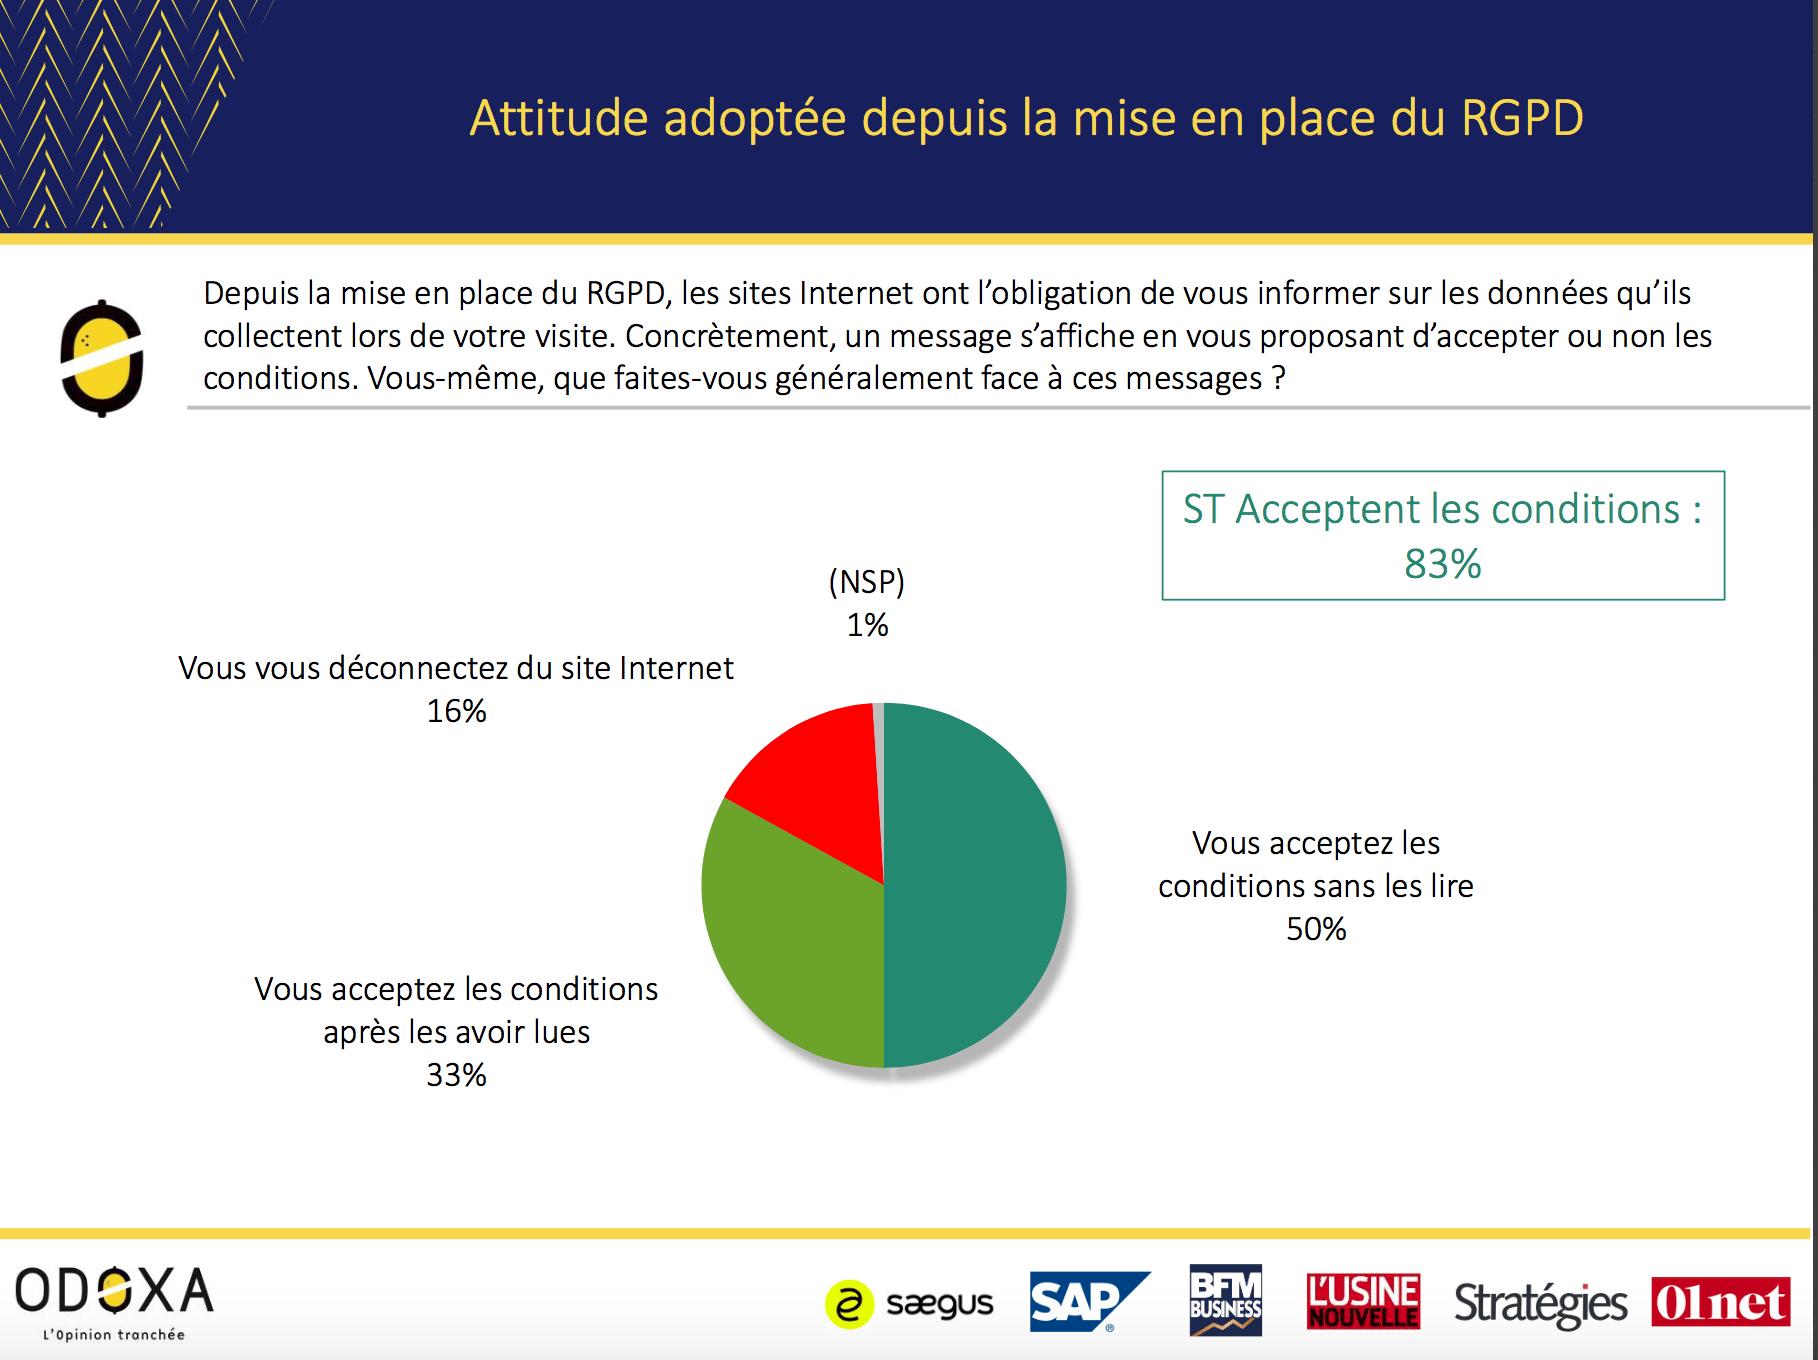 Visuel sur l'attitude adoptére depuis la mise en place du RGPD